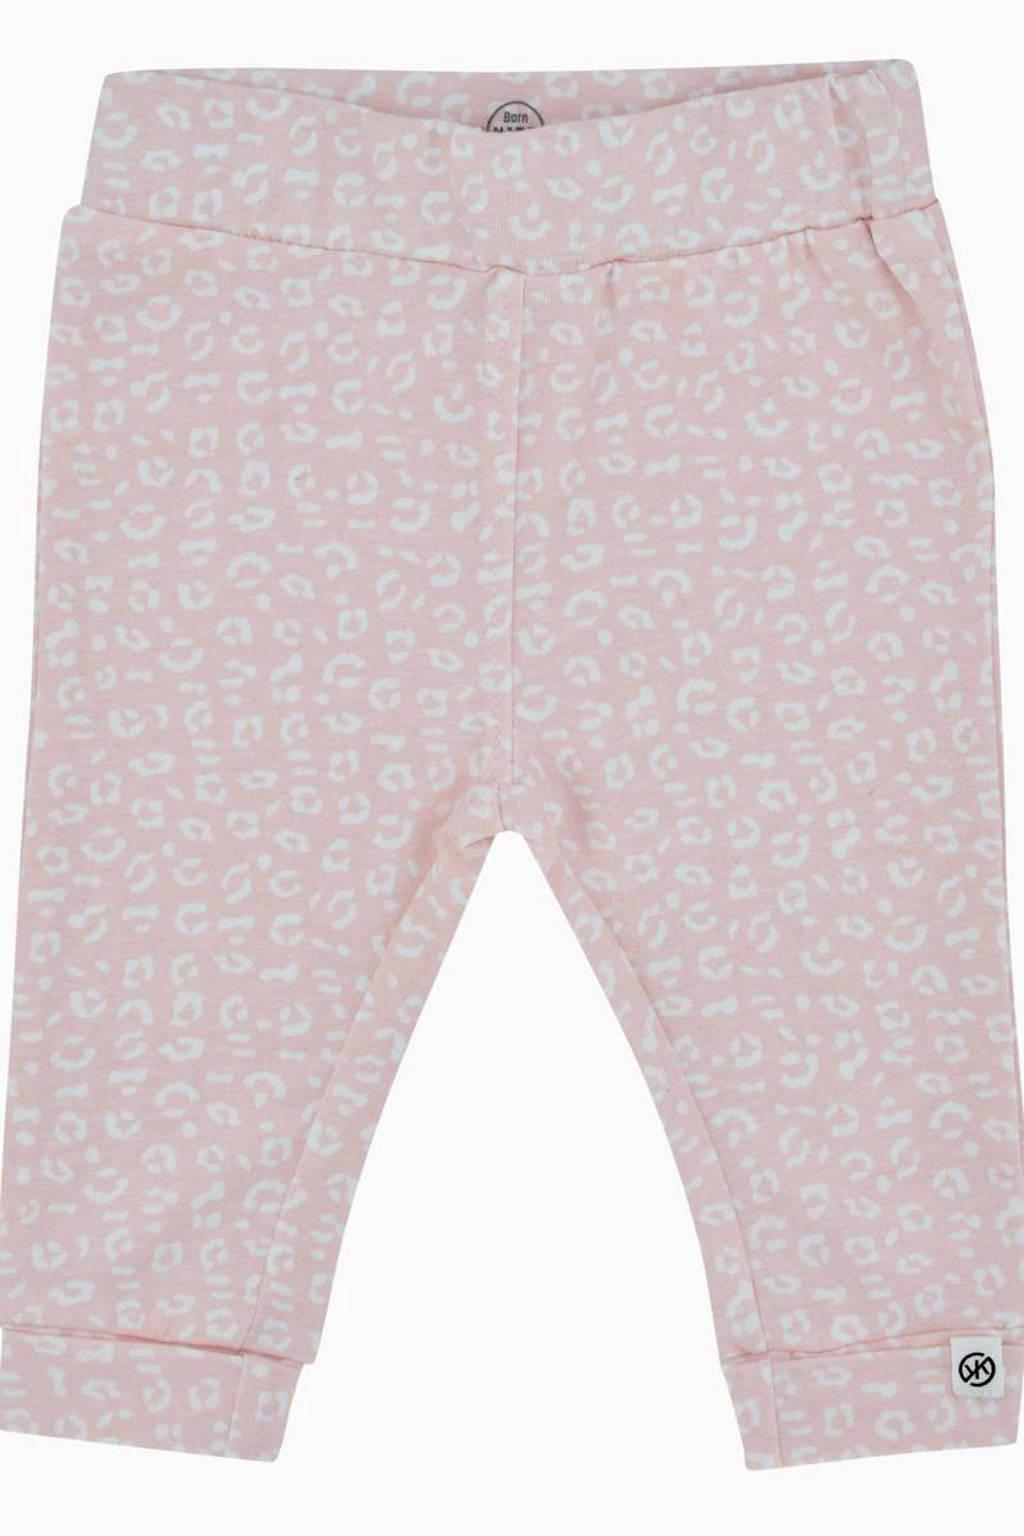 Born by Kiddo United newborn baby regular fit broek met biologisch katoen roze/wit, Roze/wit